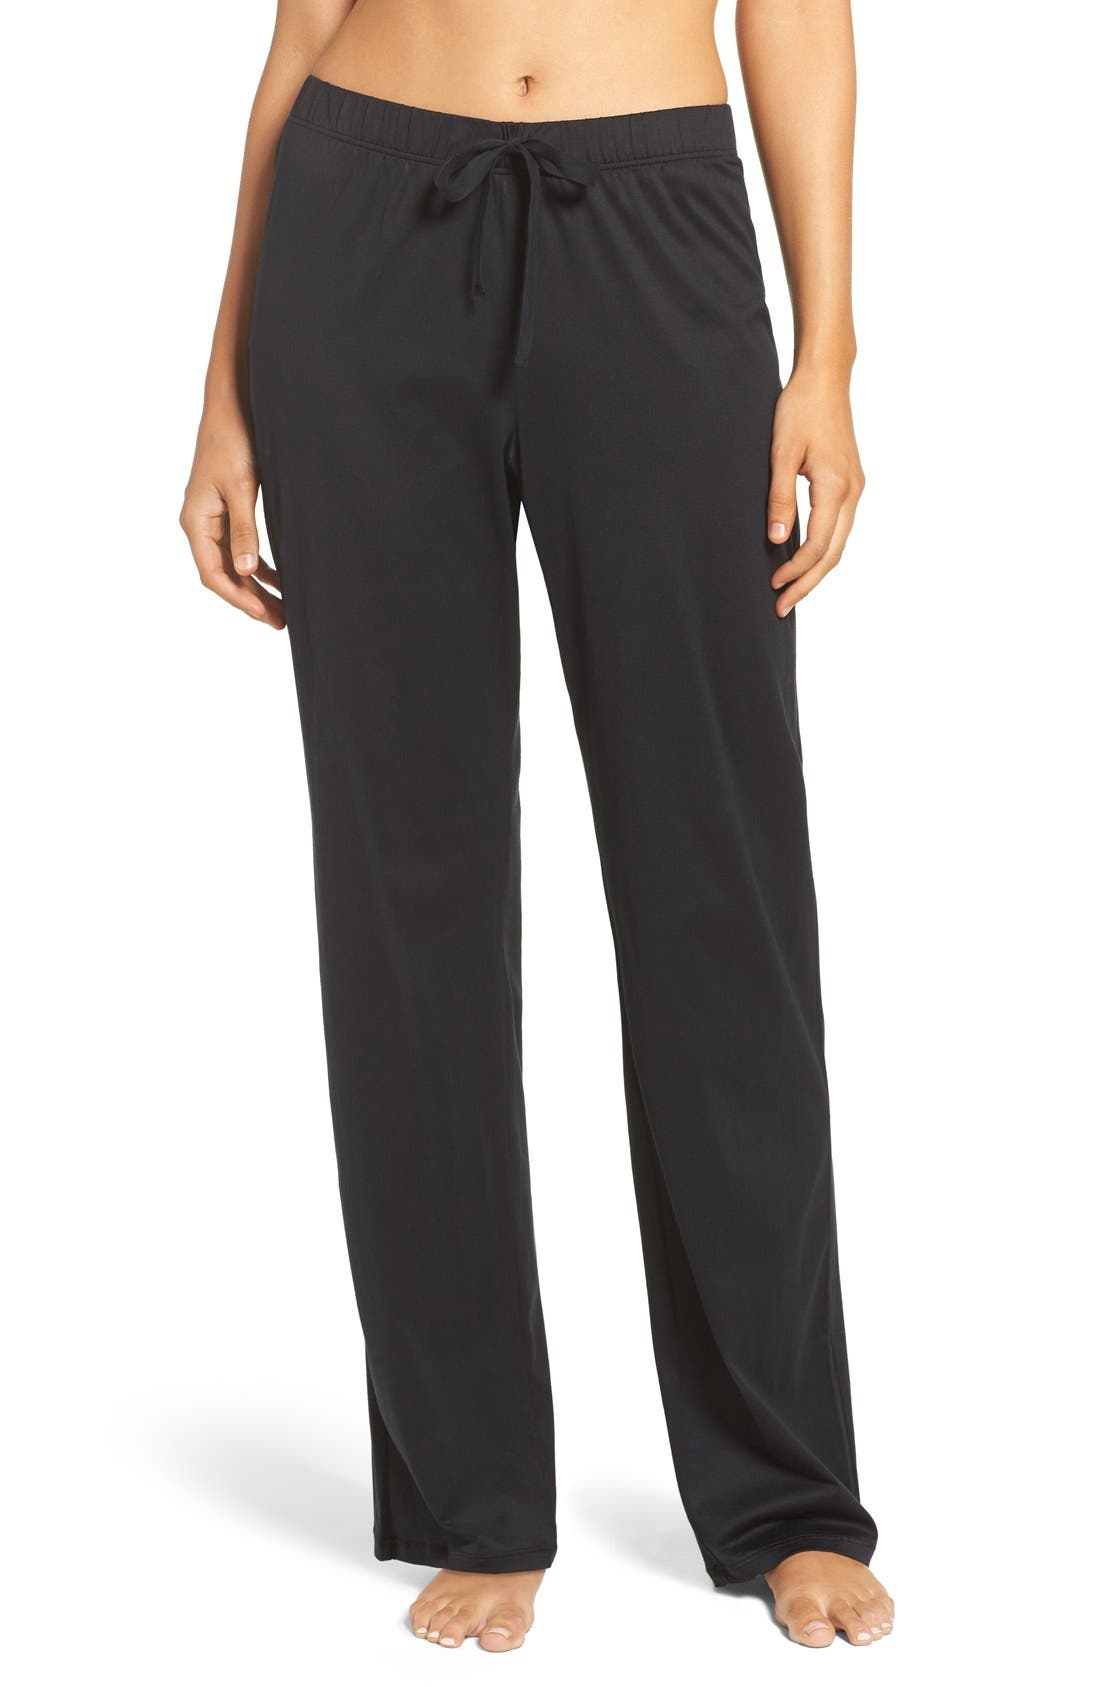 Cotton Lounge Pants,                         Main,                         color, Black